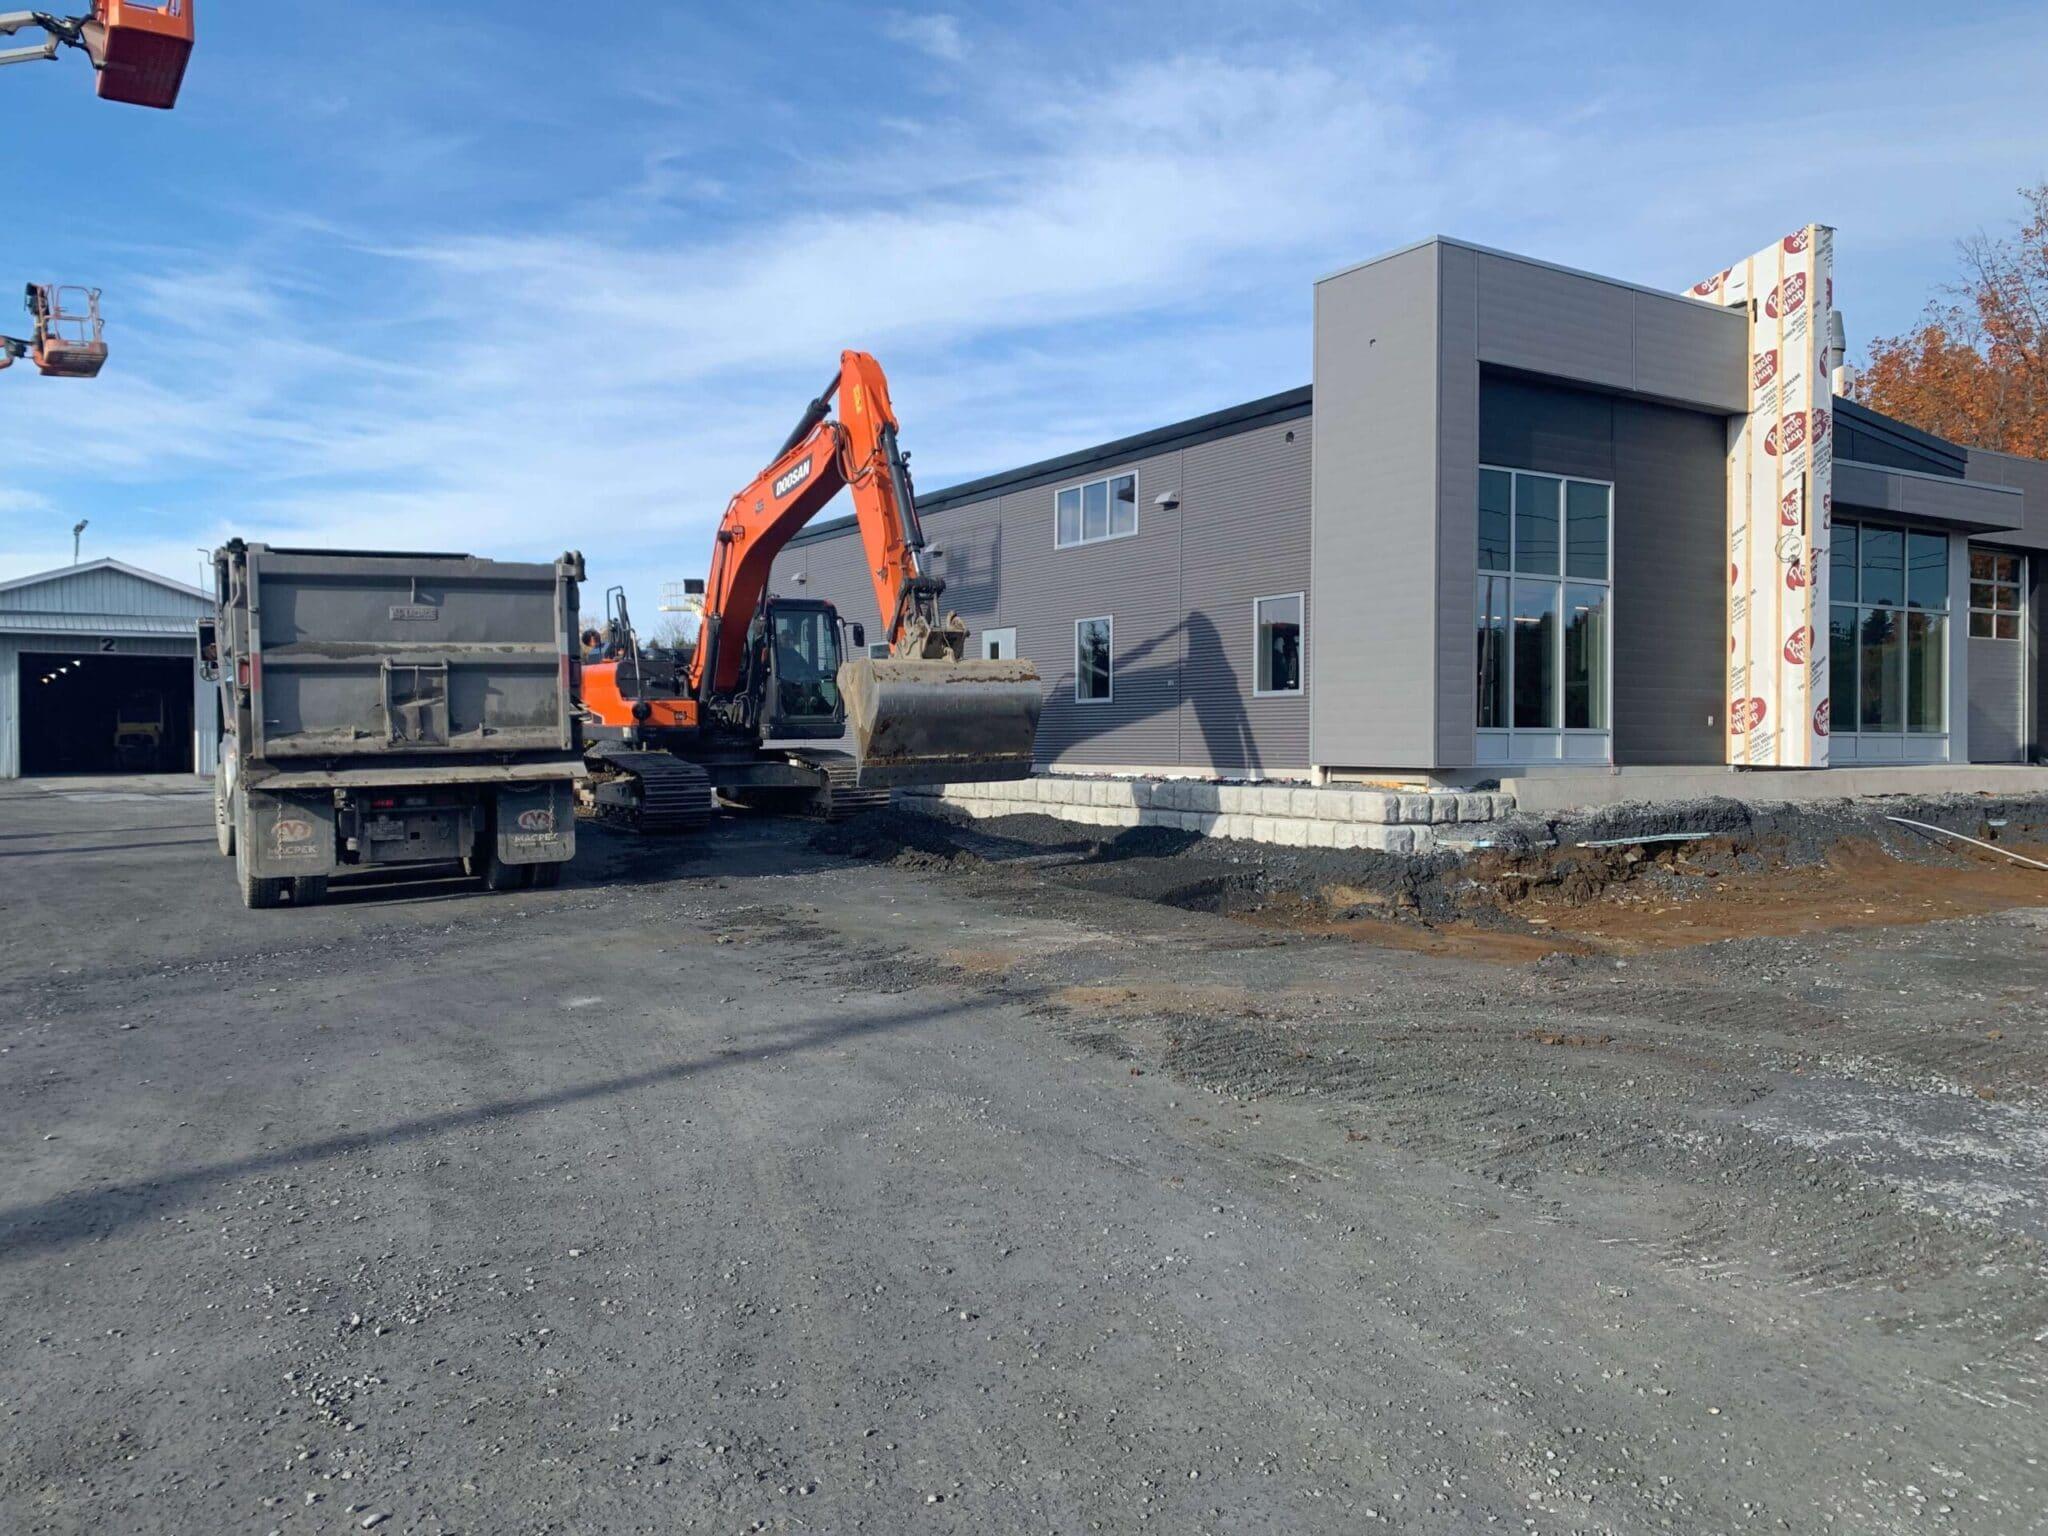 Pelleteuse, camion, bâtiment, asphalte